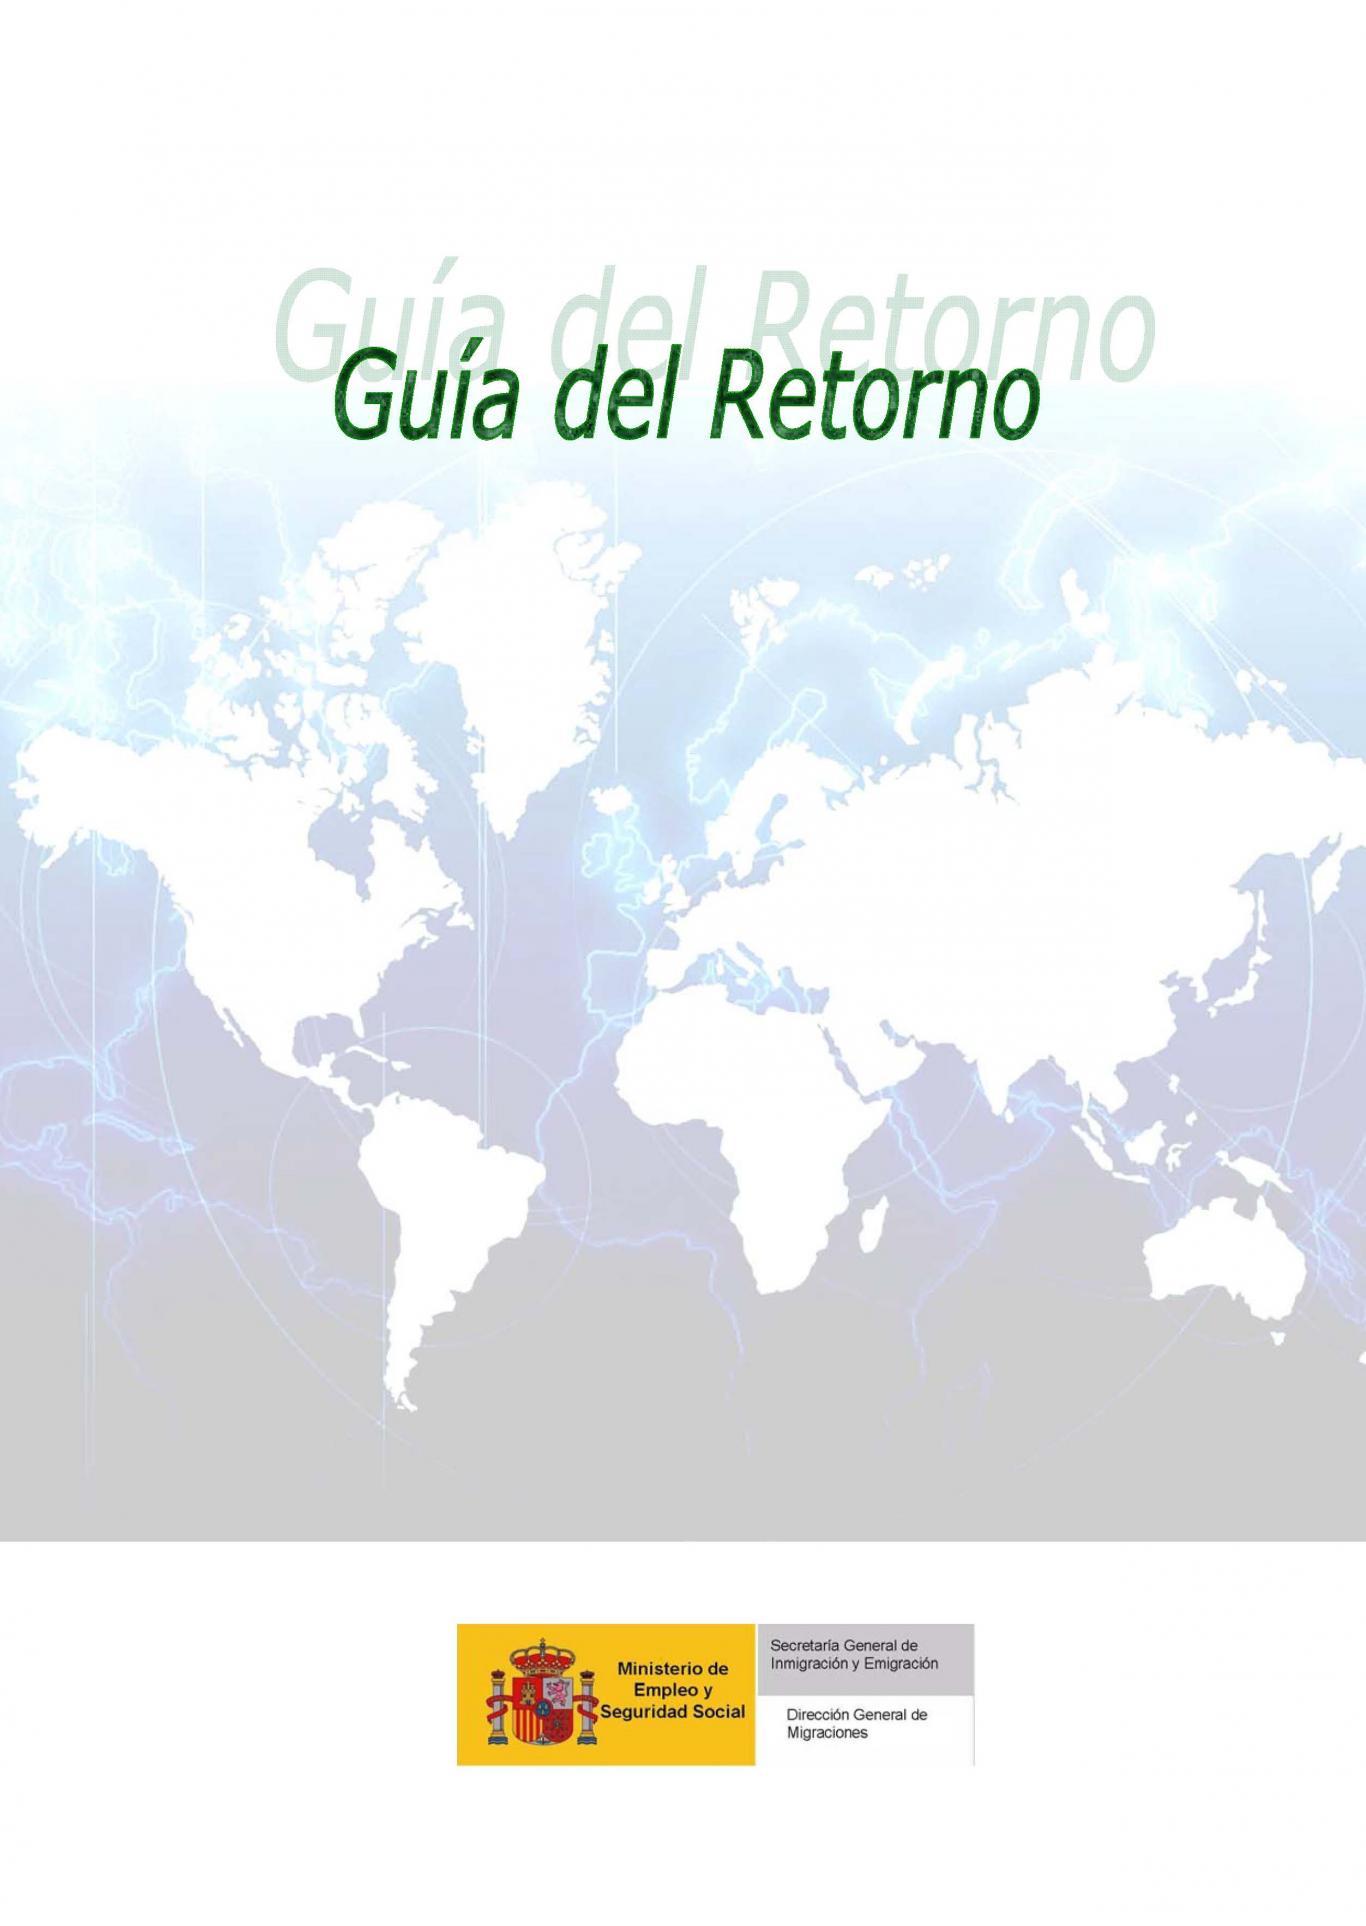 Guía para el retorno del Ministerio de Empleo y Seguridad Social